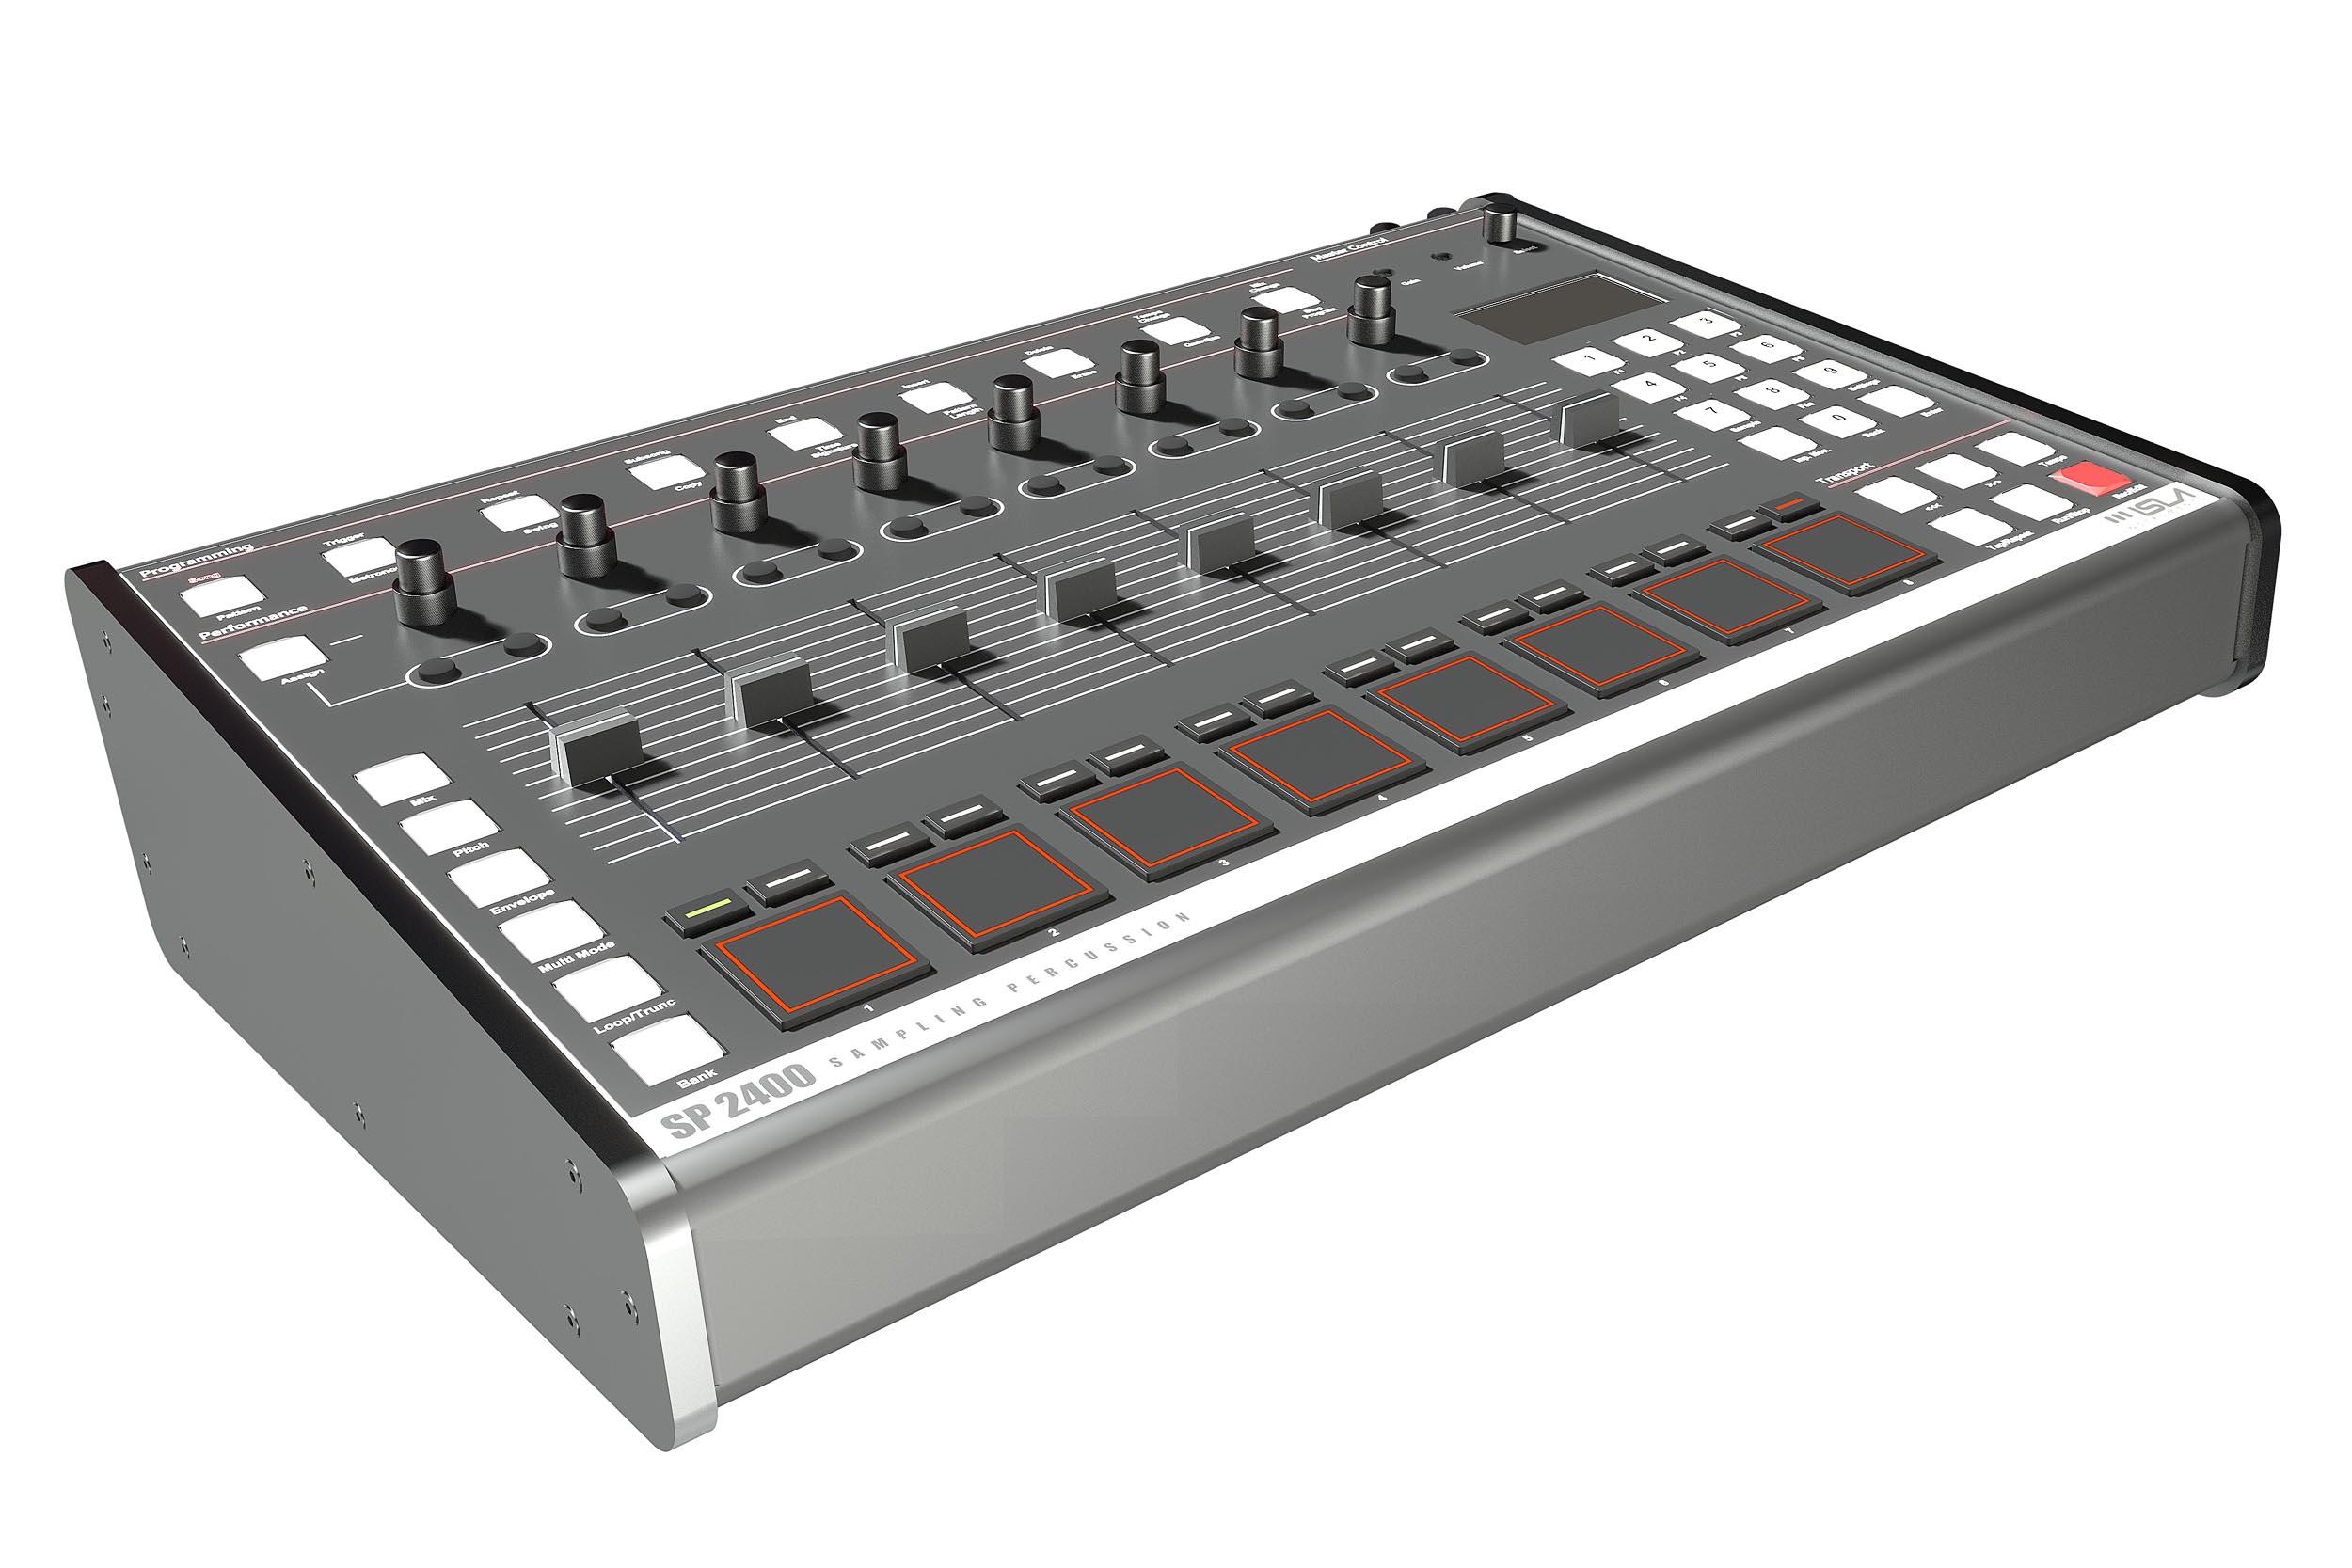 Produktvisualisierung SP2400, Isla Instruments